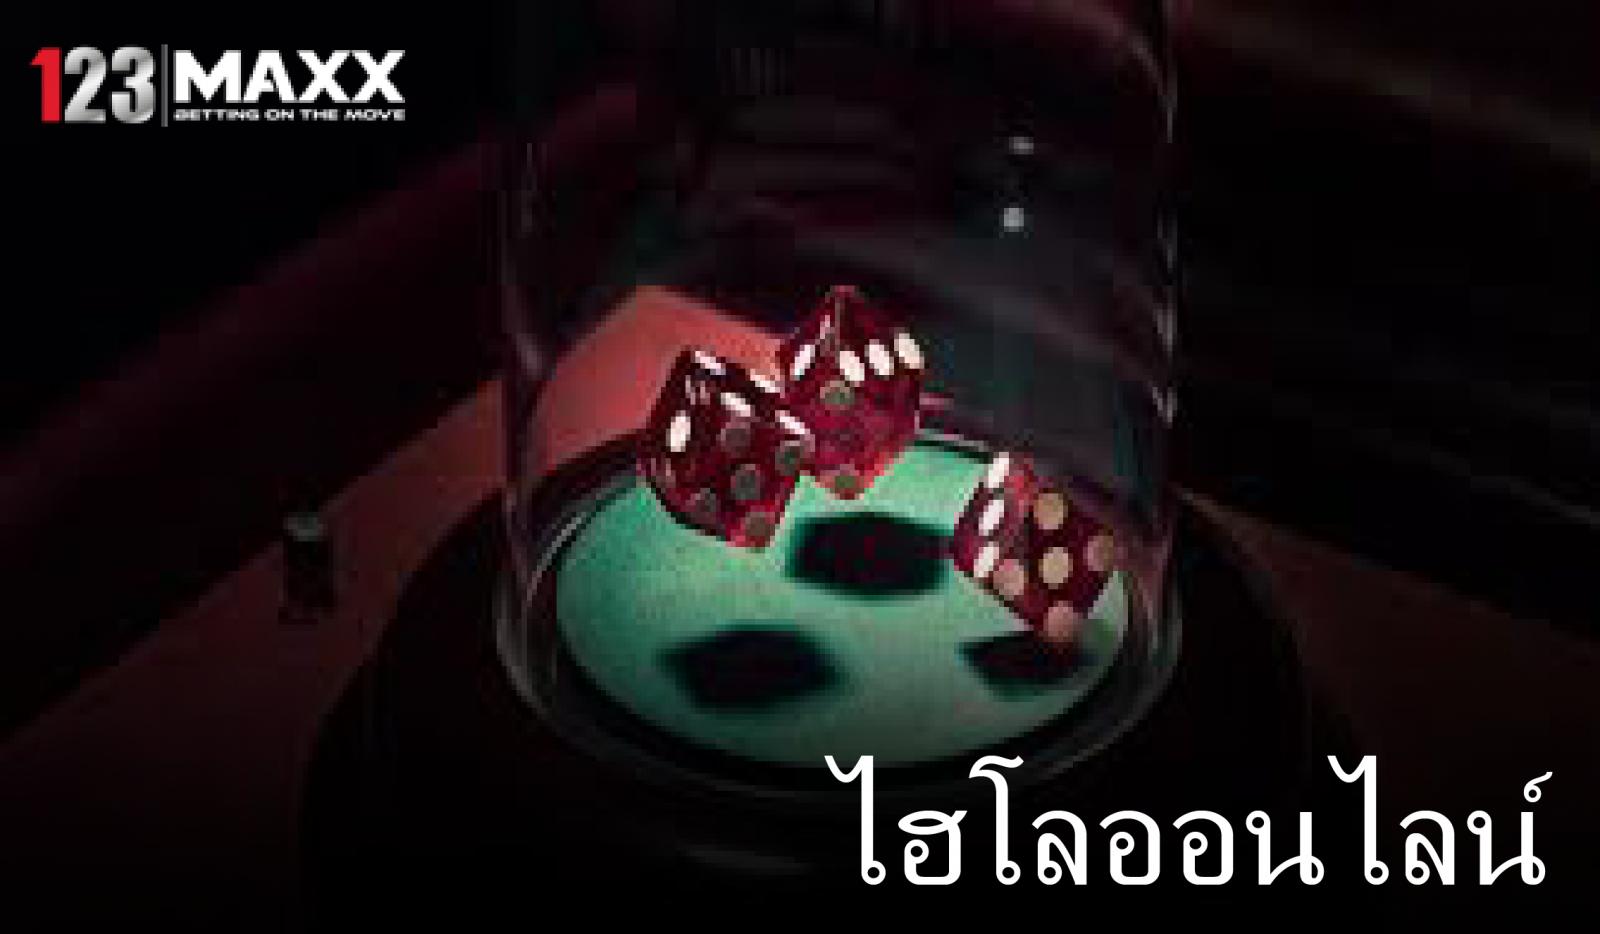 ไฮโลออนไลน์ 123maxx